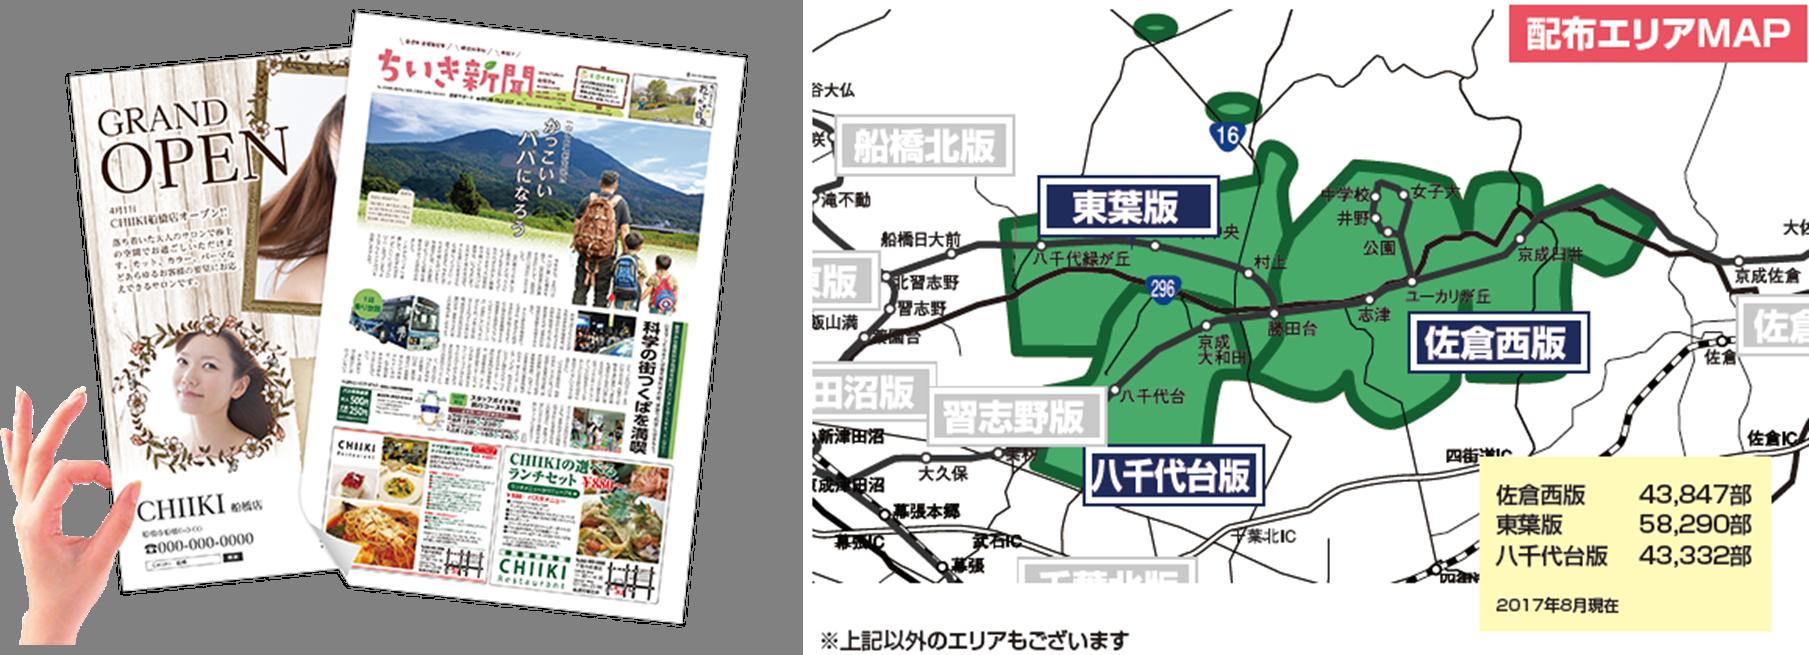 【習志野市 ポスティングエリアMAP・部数一覧】